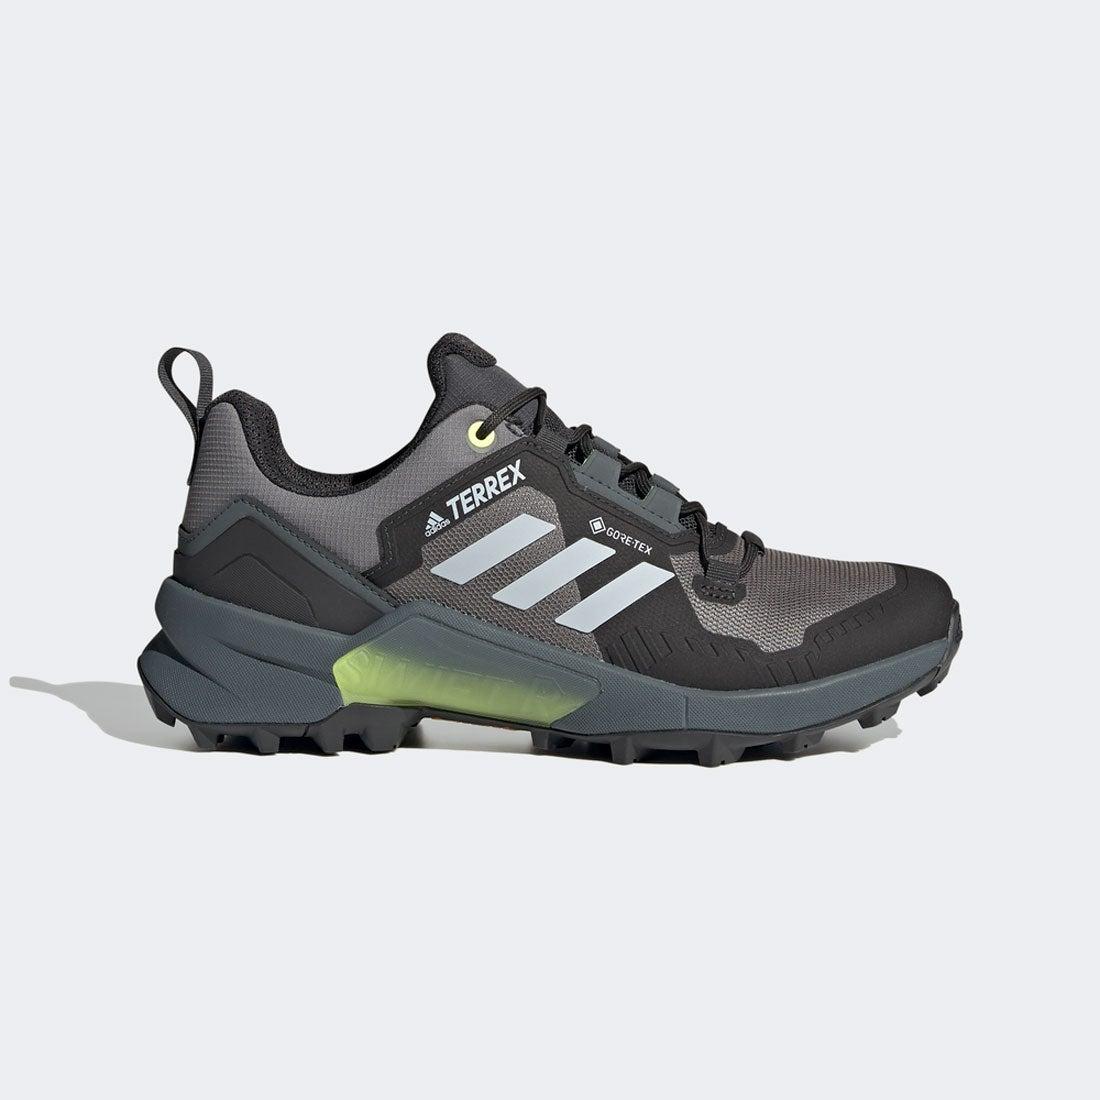 アディダス adidas テレックス スウィフト R3 GORE-TEX ハイキング / Terrex Swift R3 GORE-TEX Hiking (グレー)